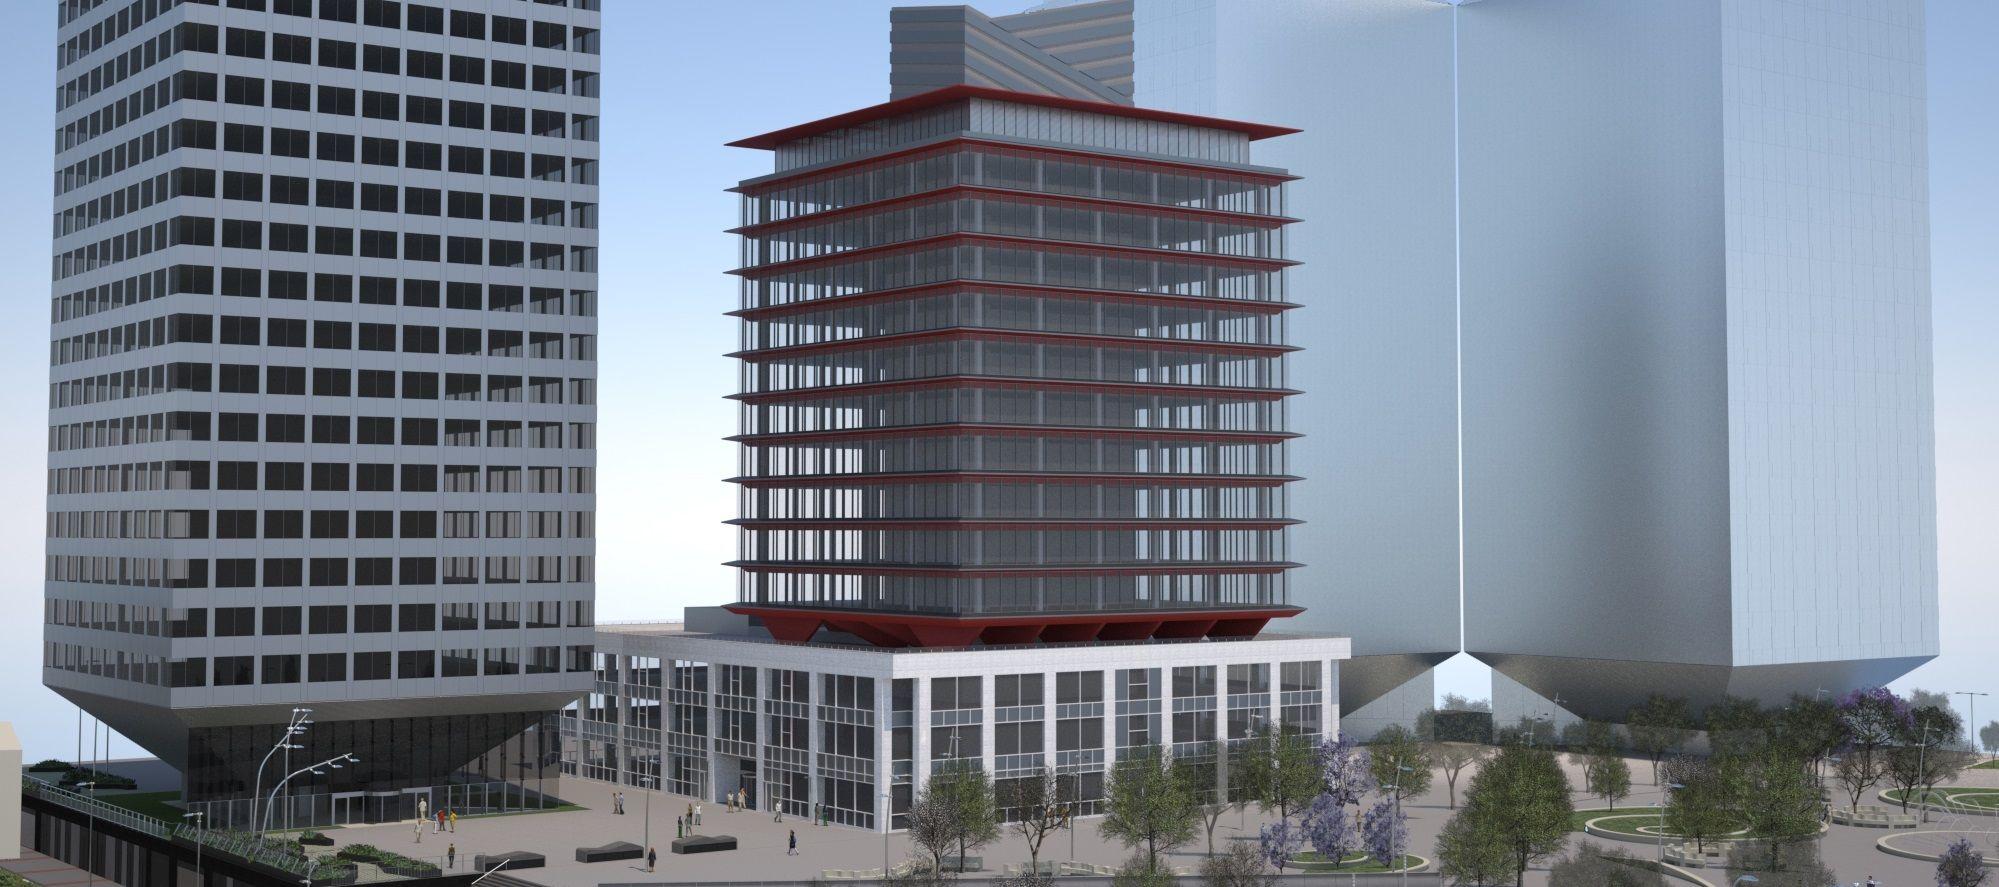 Empresas: El sello de sostenibilidad BREEAM® realizado por Isolana, avala la calidad de edificios de vanguardia | Autor del artículo: Finanzas.com